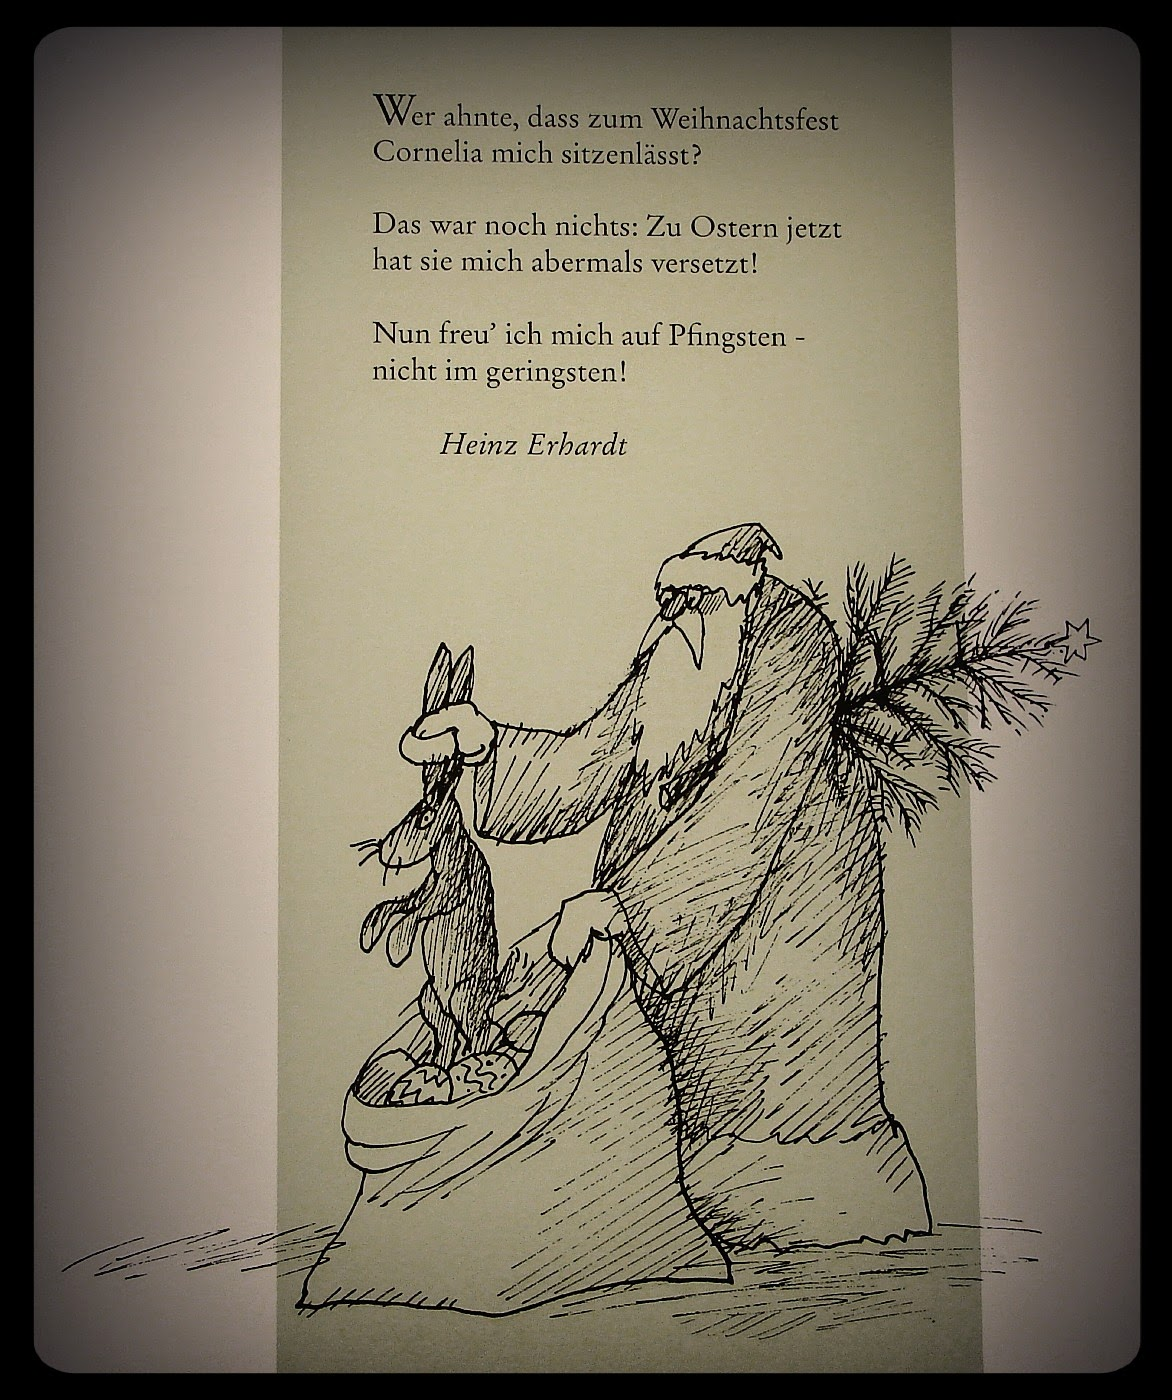 Heinz Erhardt Gedicht Pfingsten Beliebter Weihnachtsblog